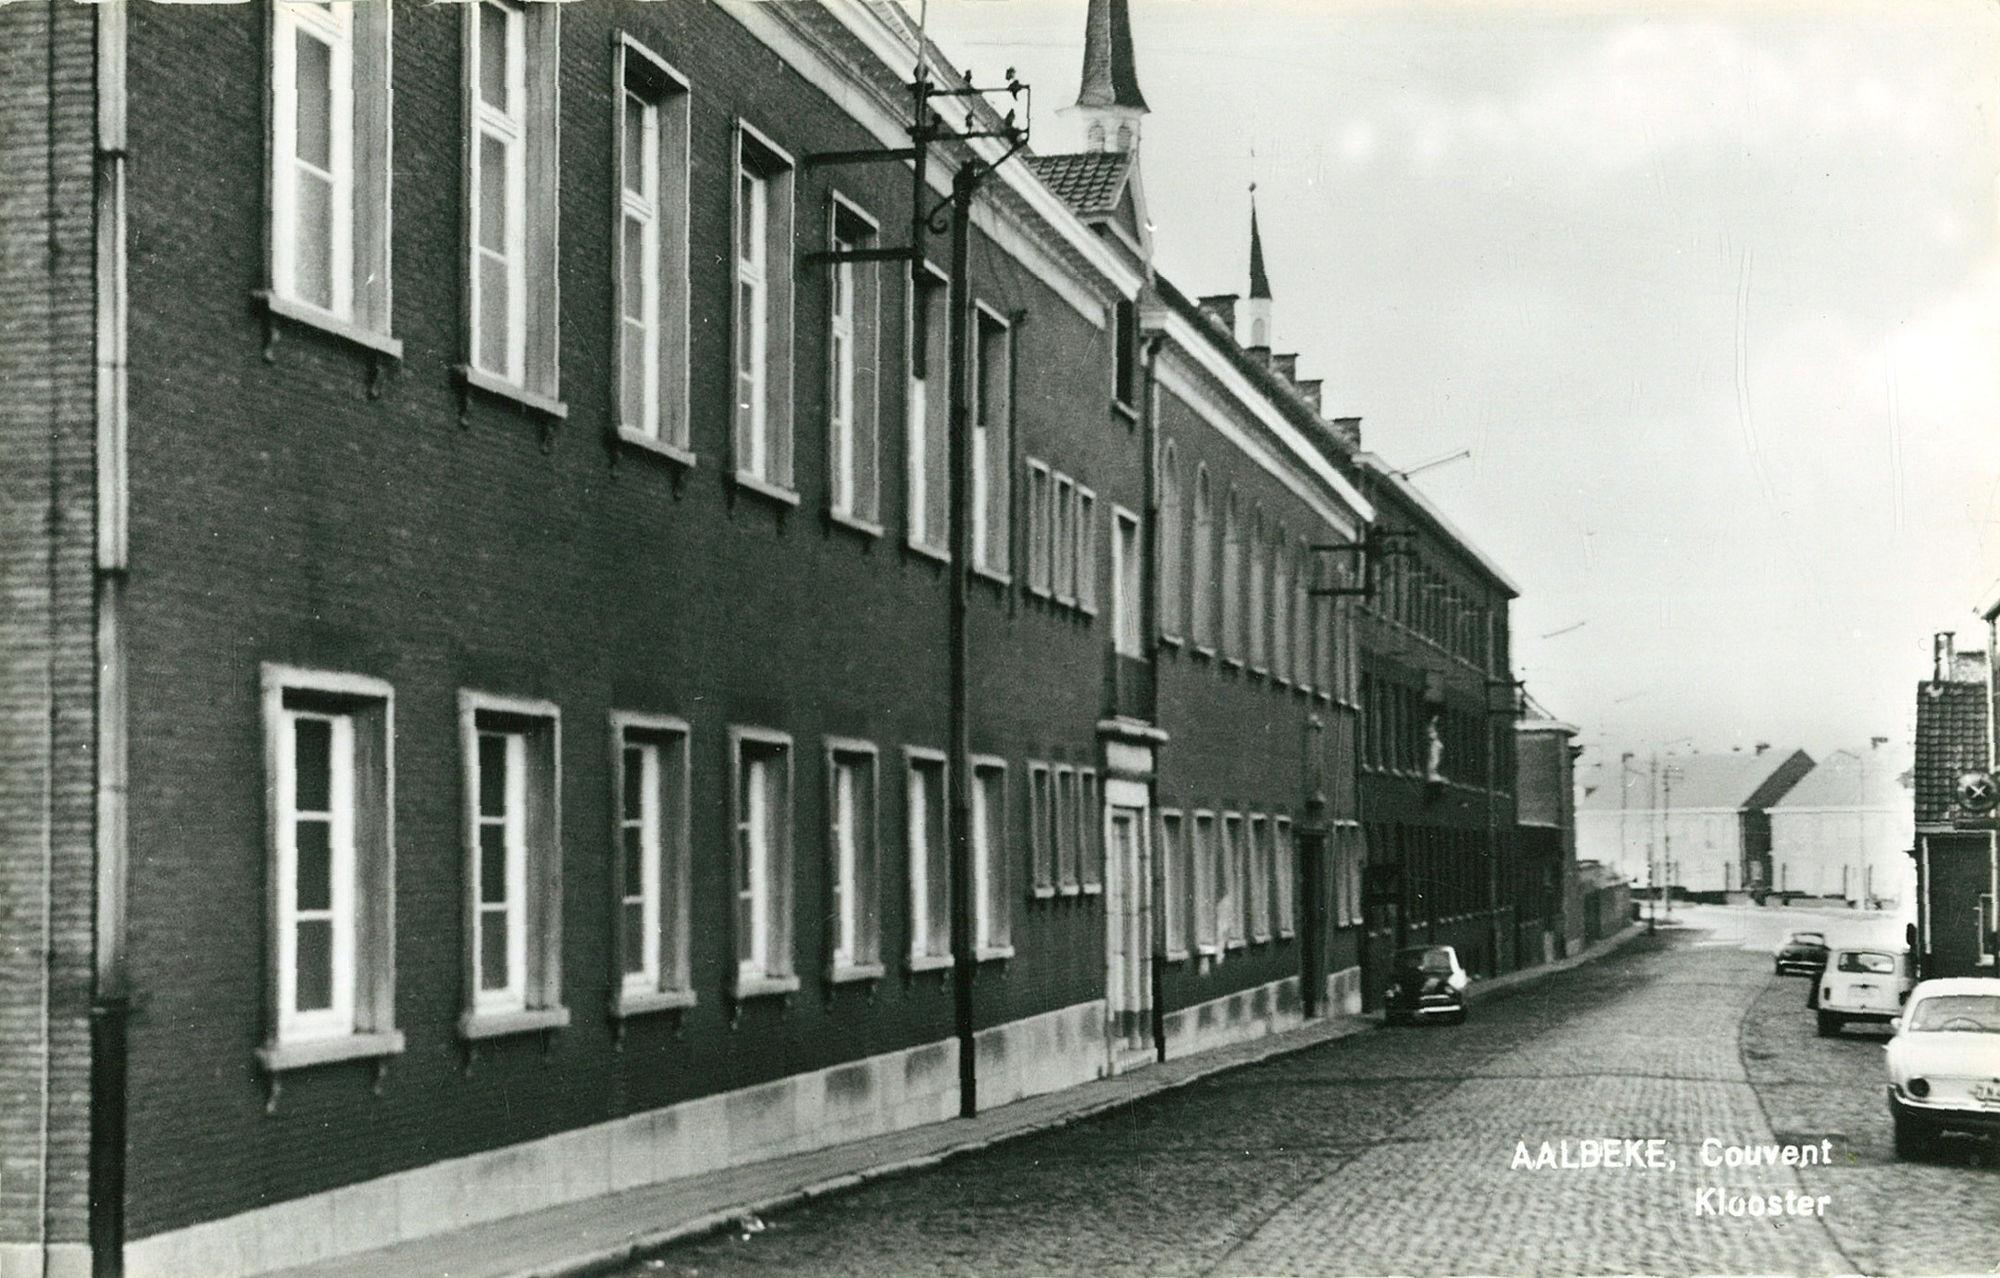 Klooster in Aalbeke